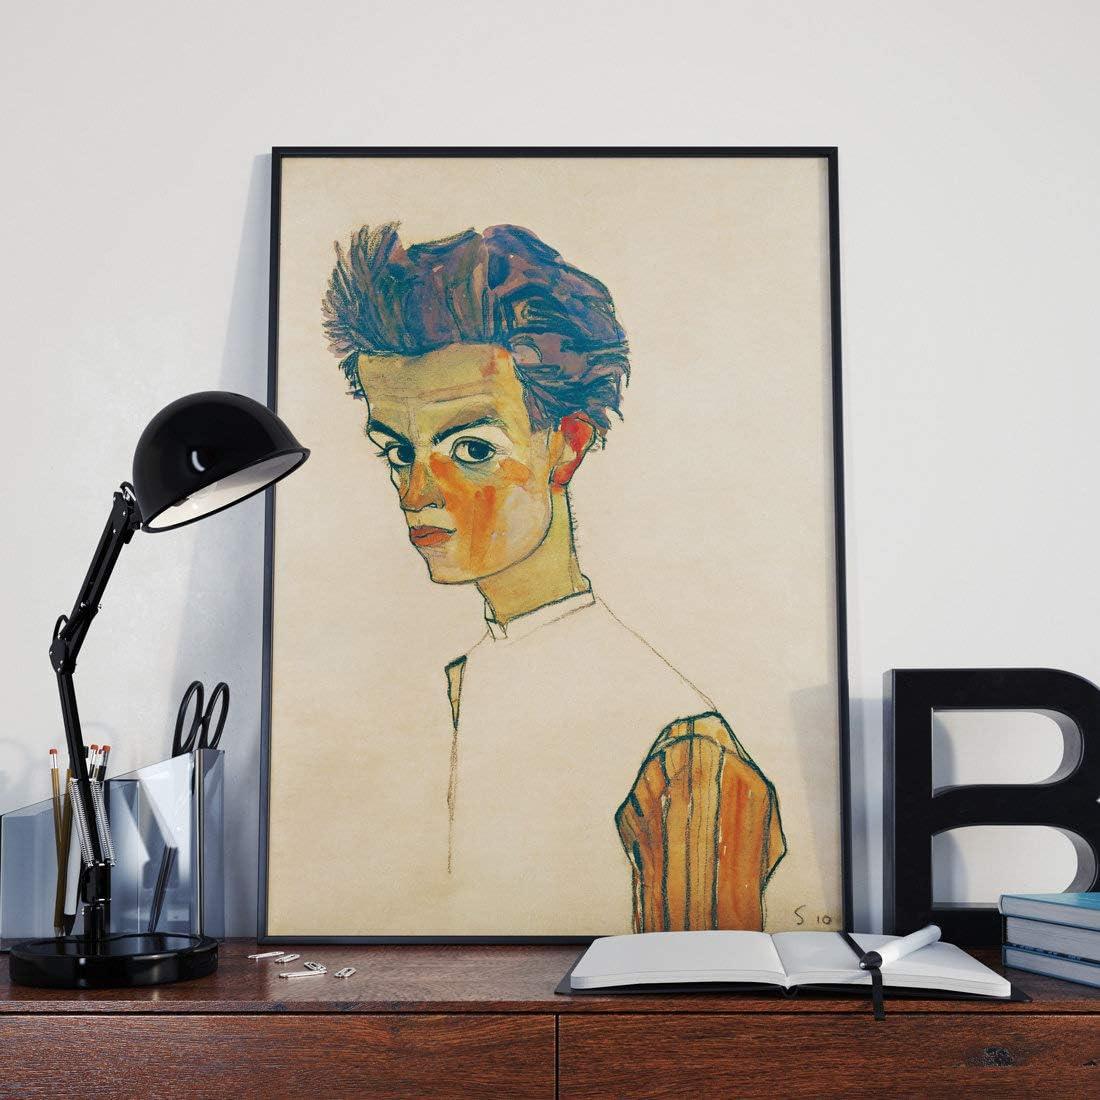 Erti567an Egon Schiele Autoportrait avec chemise ray/ée Egon Schiele Art Egon Schiele Peinture expressionniste Egon Schiele Prints Egon Schiele Prints Egon Schiele Prints Egon Poster